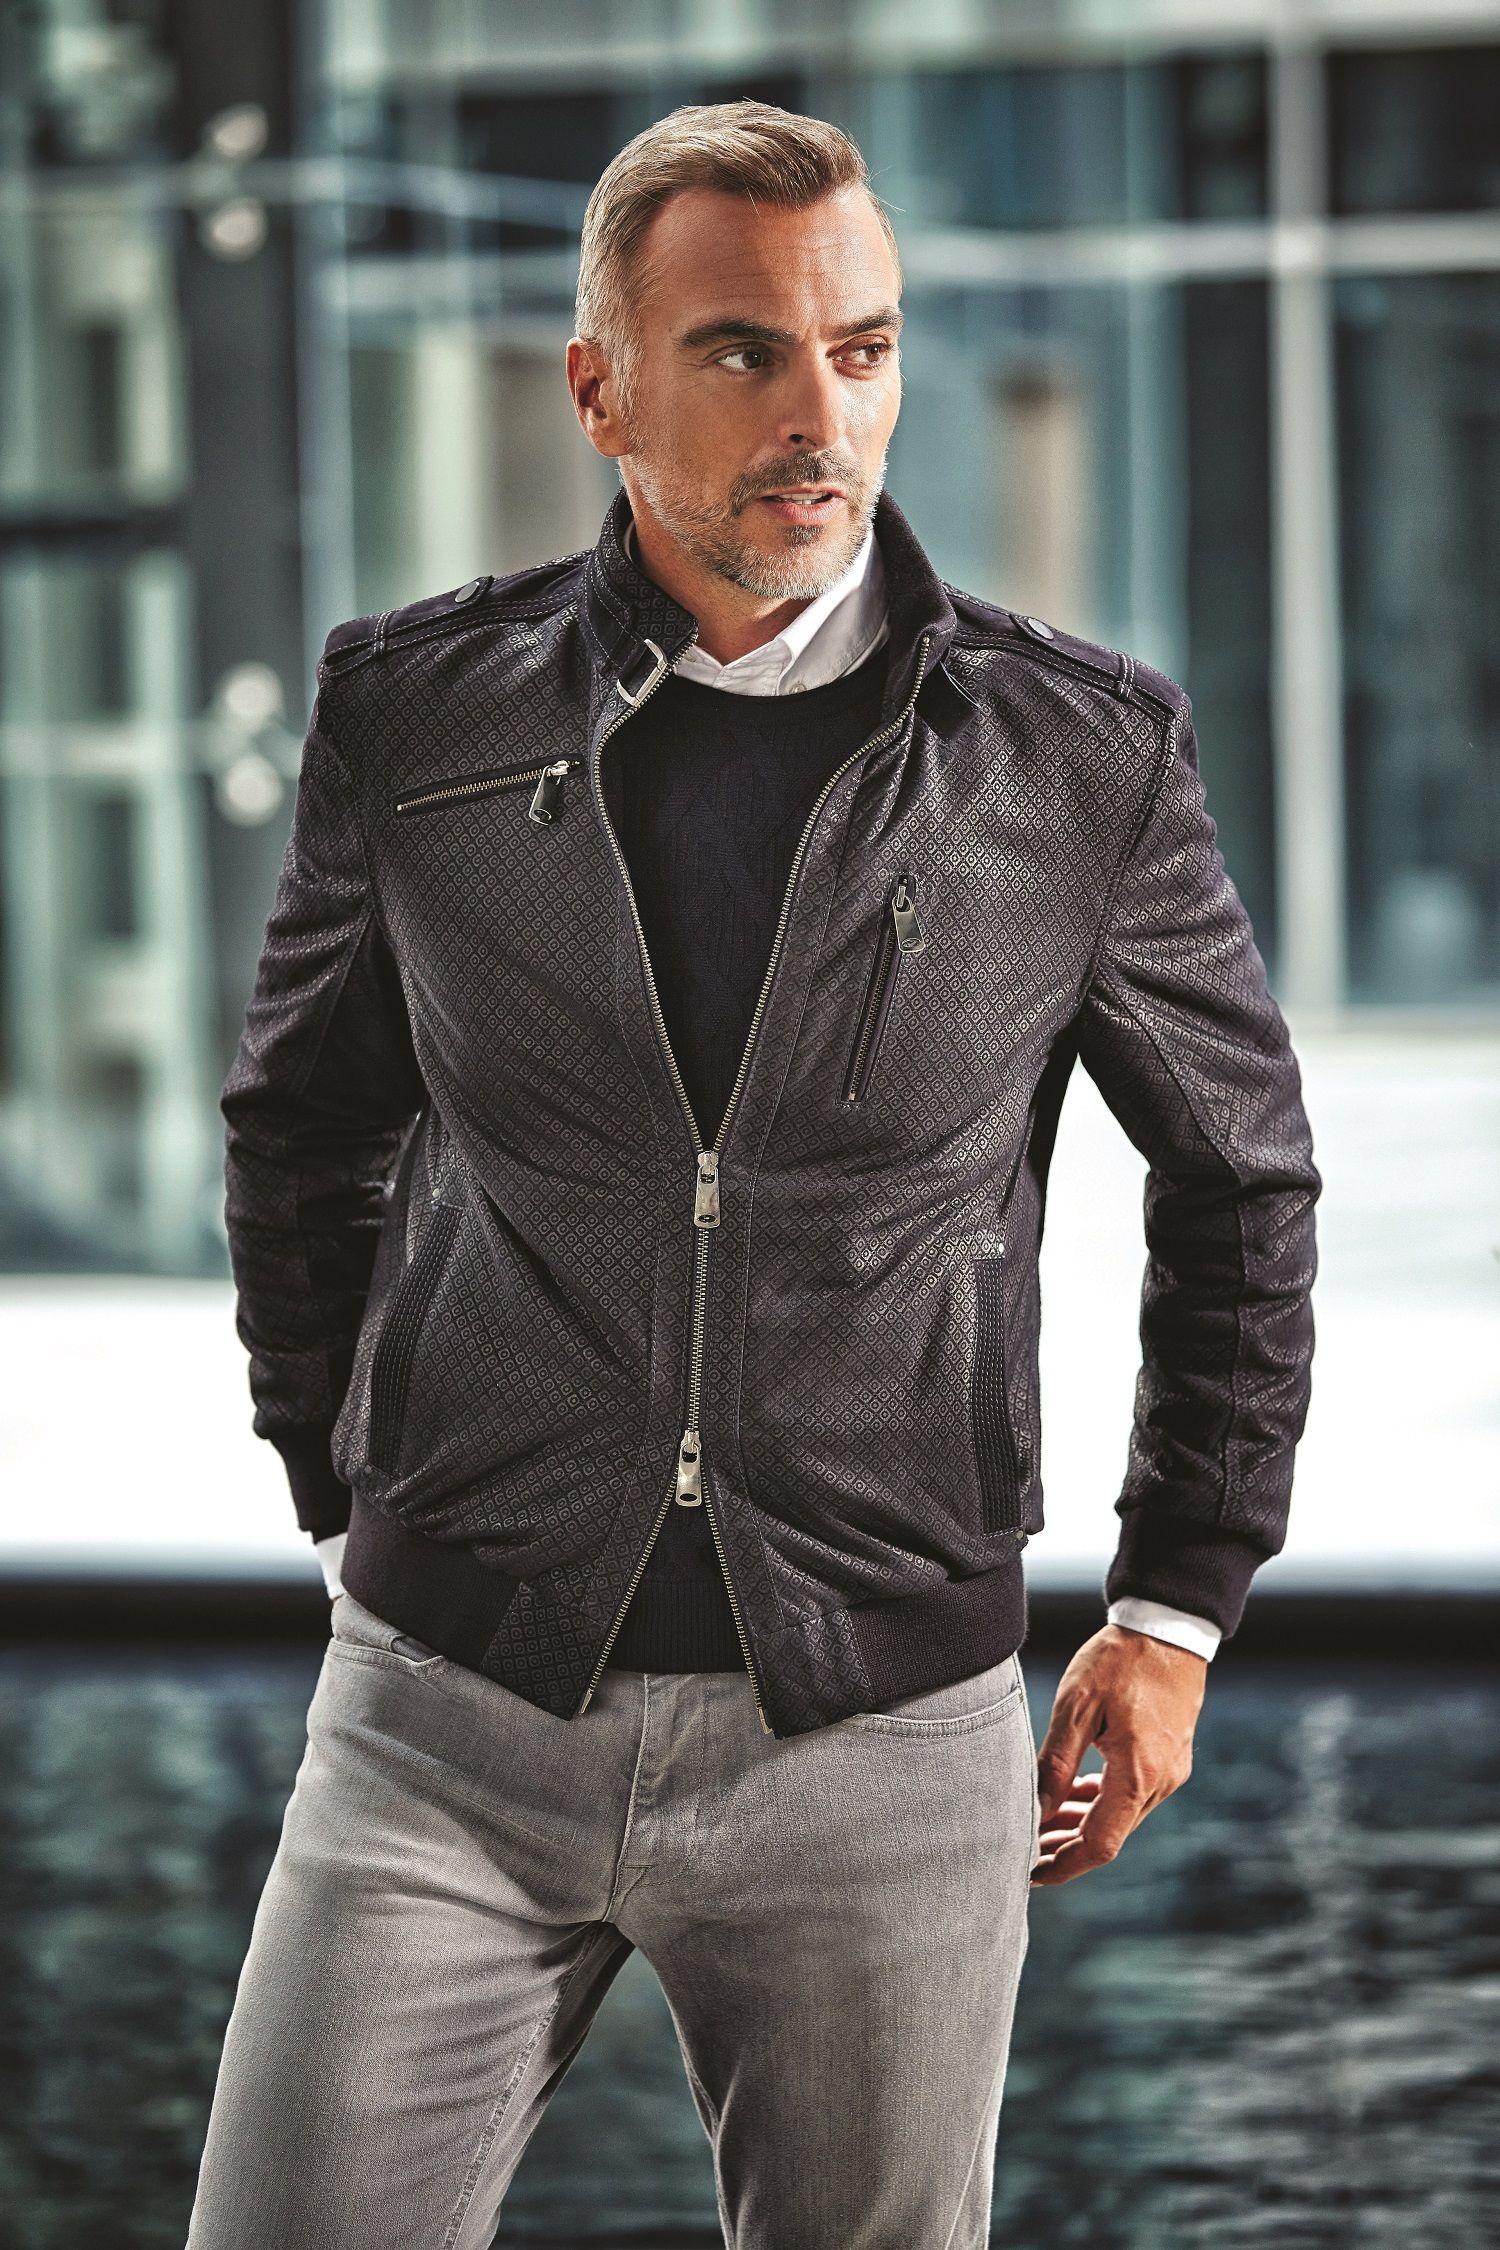 stylish sports jacket leaning - 736×1104